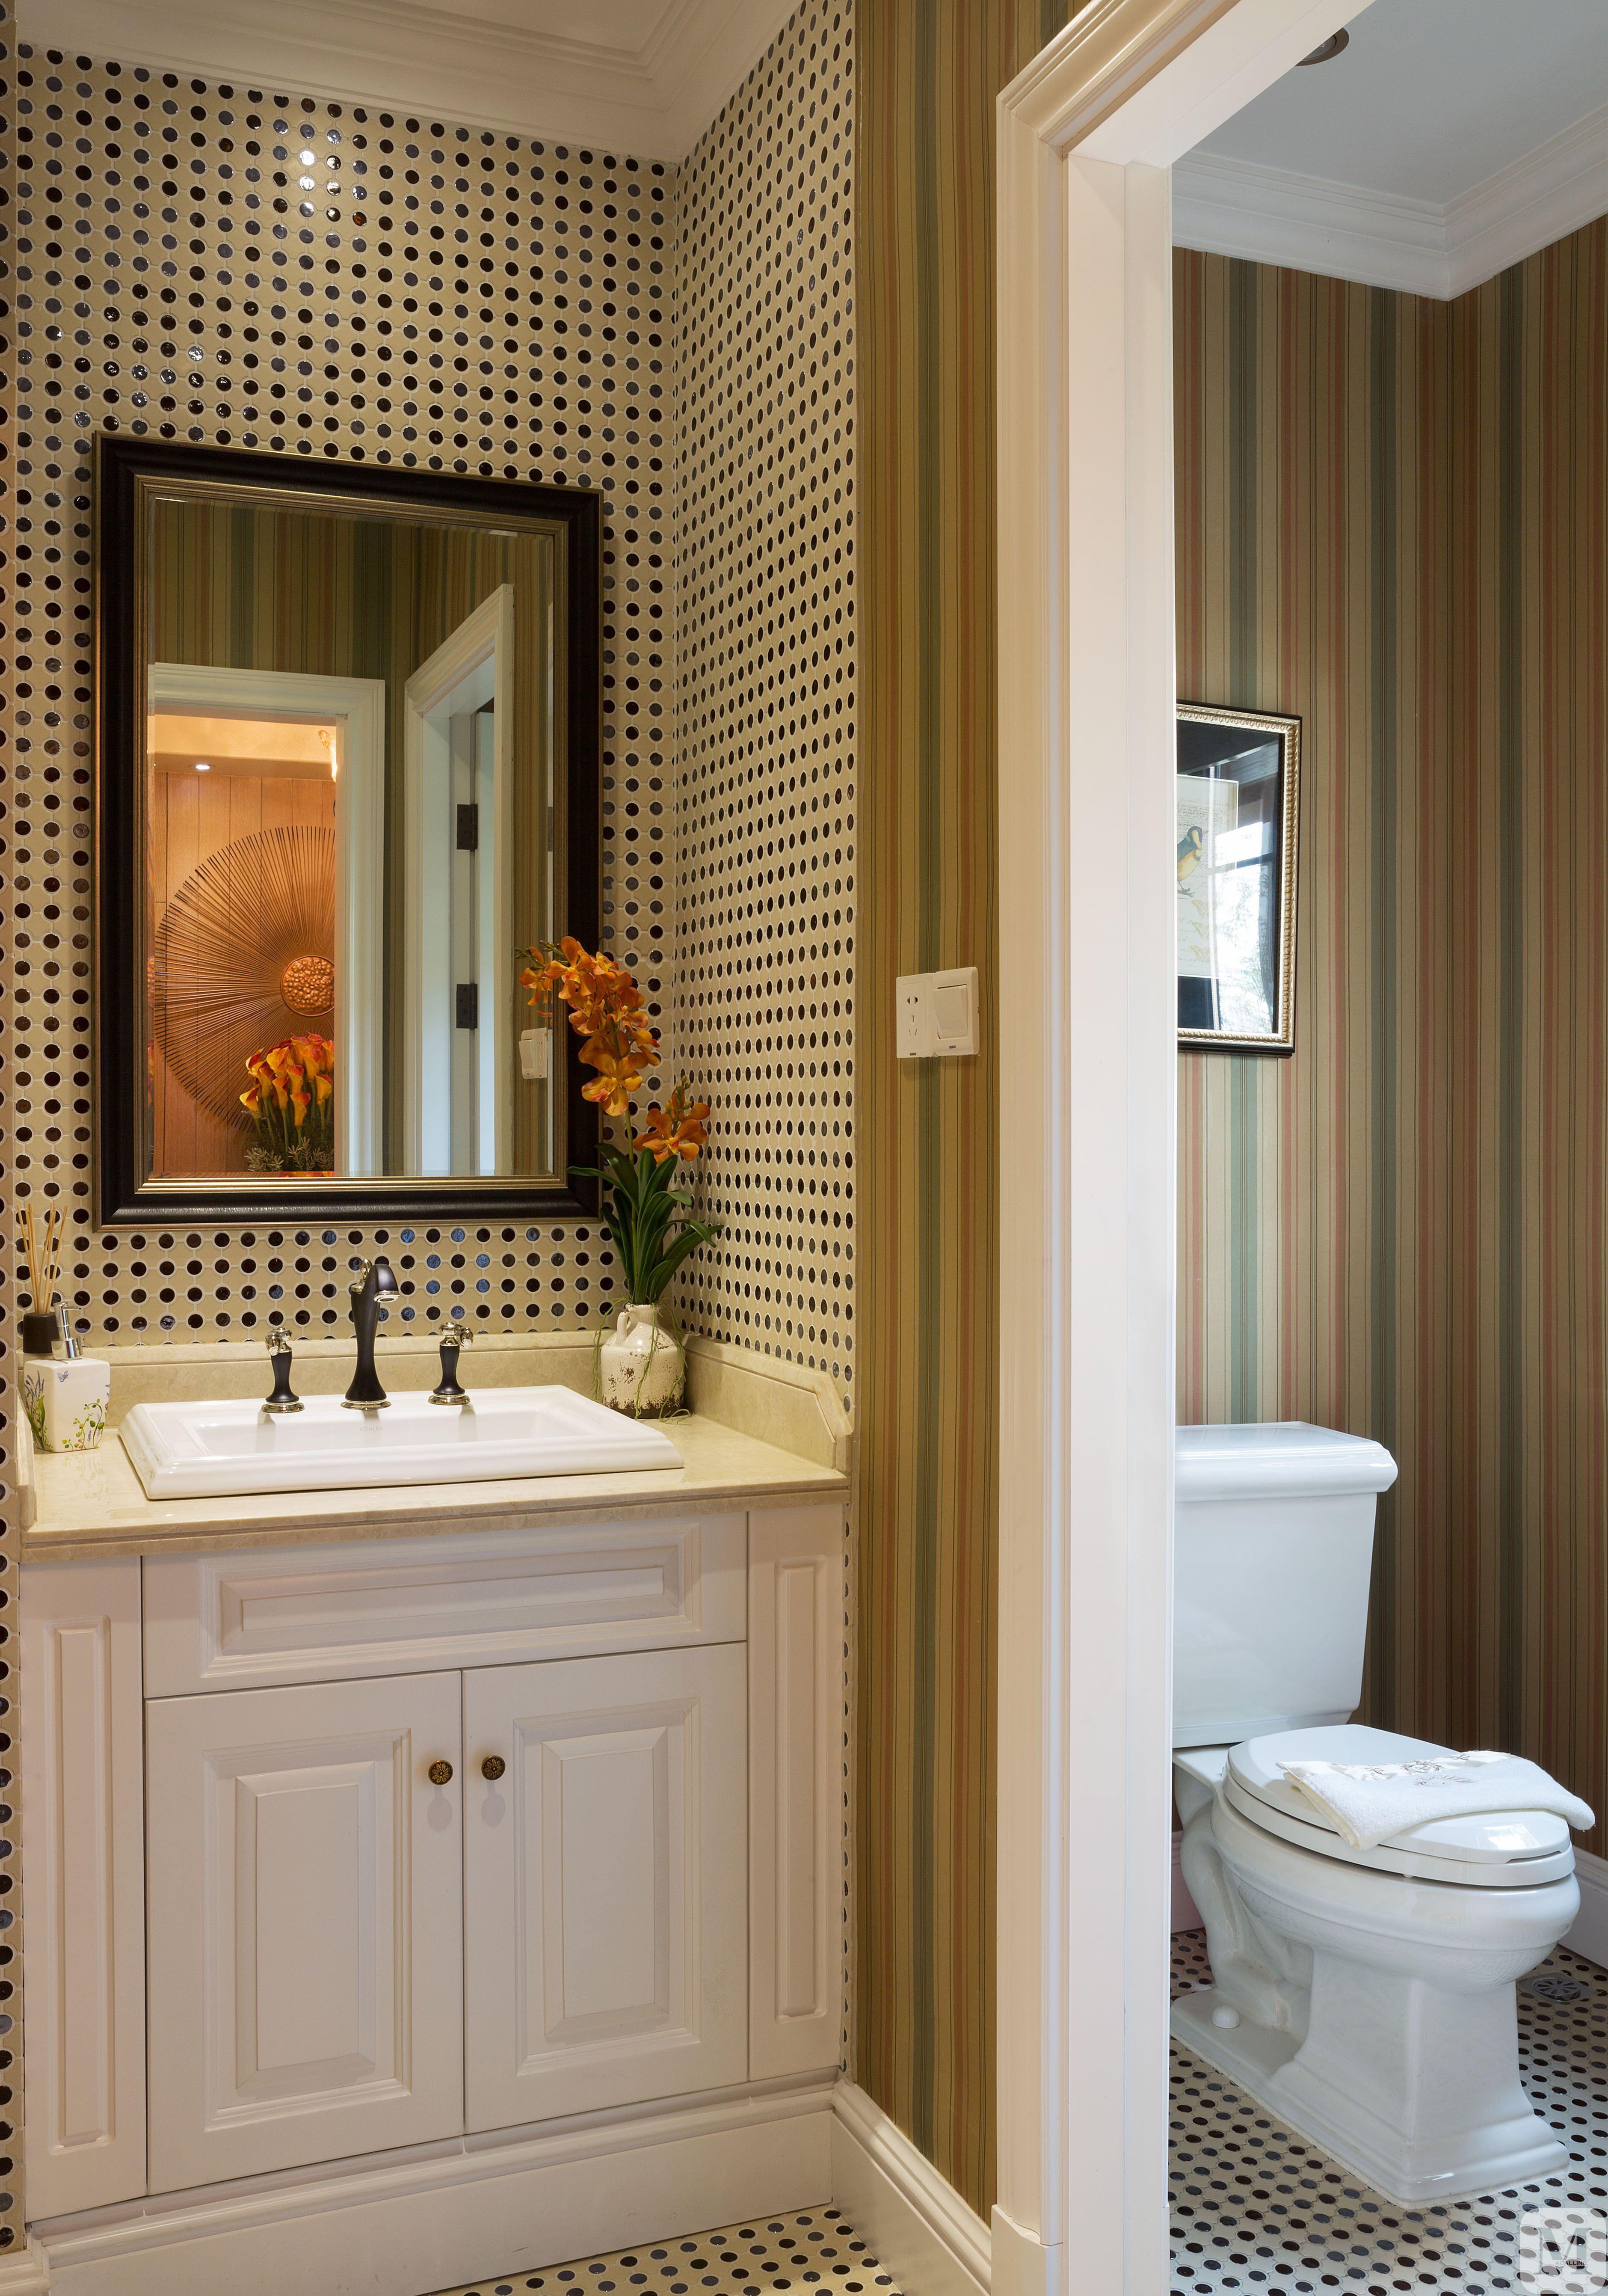 美式卫生间浴缸装修效果图